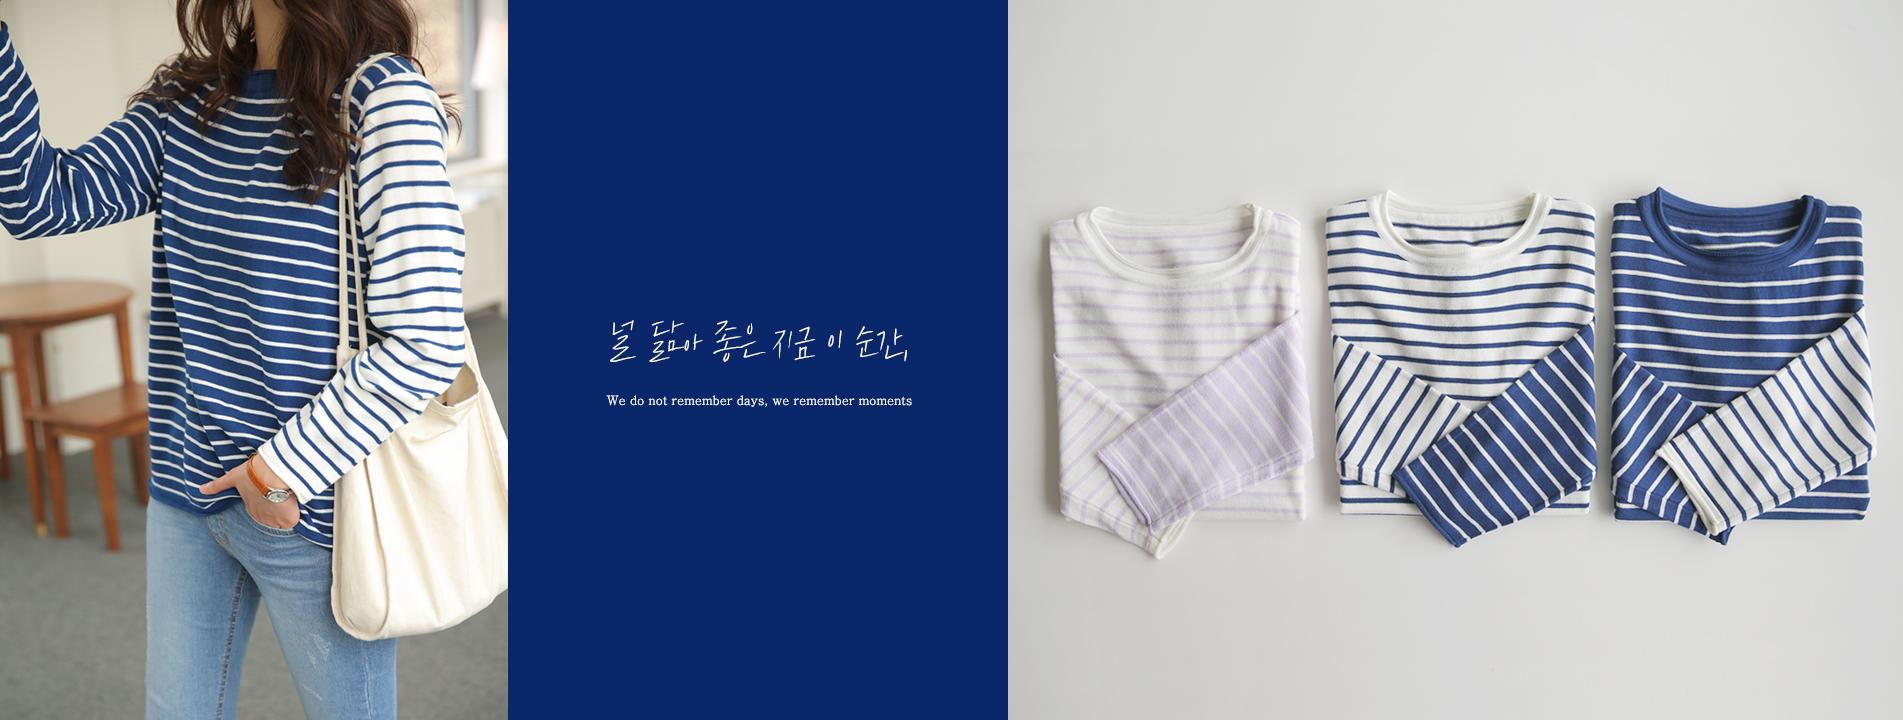 유닉S/T배색니트탑